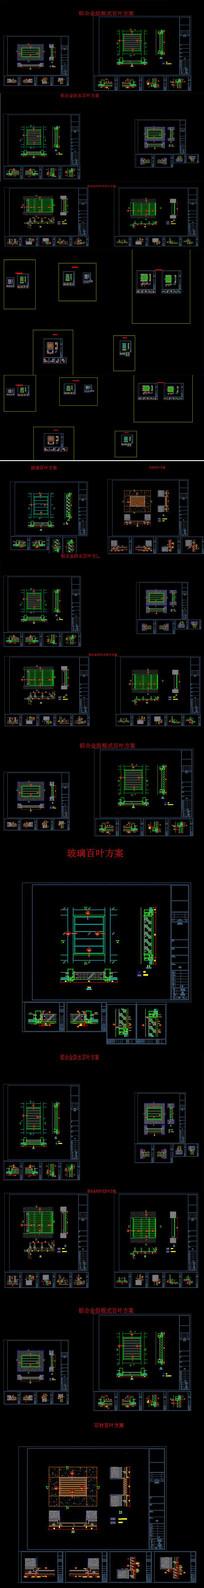 百叶窗系统CAD图集